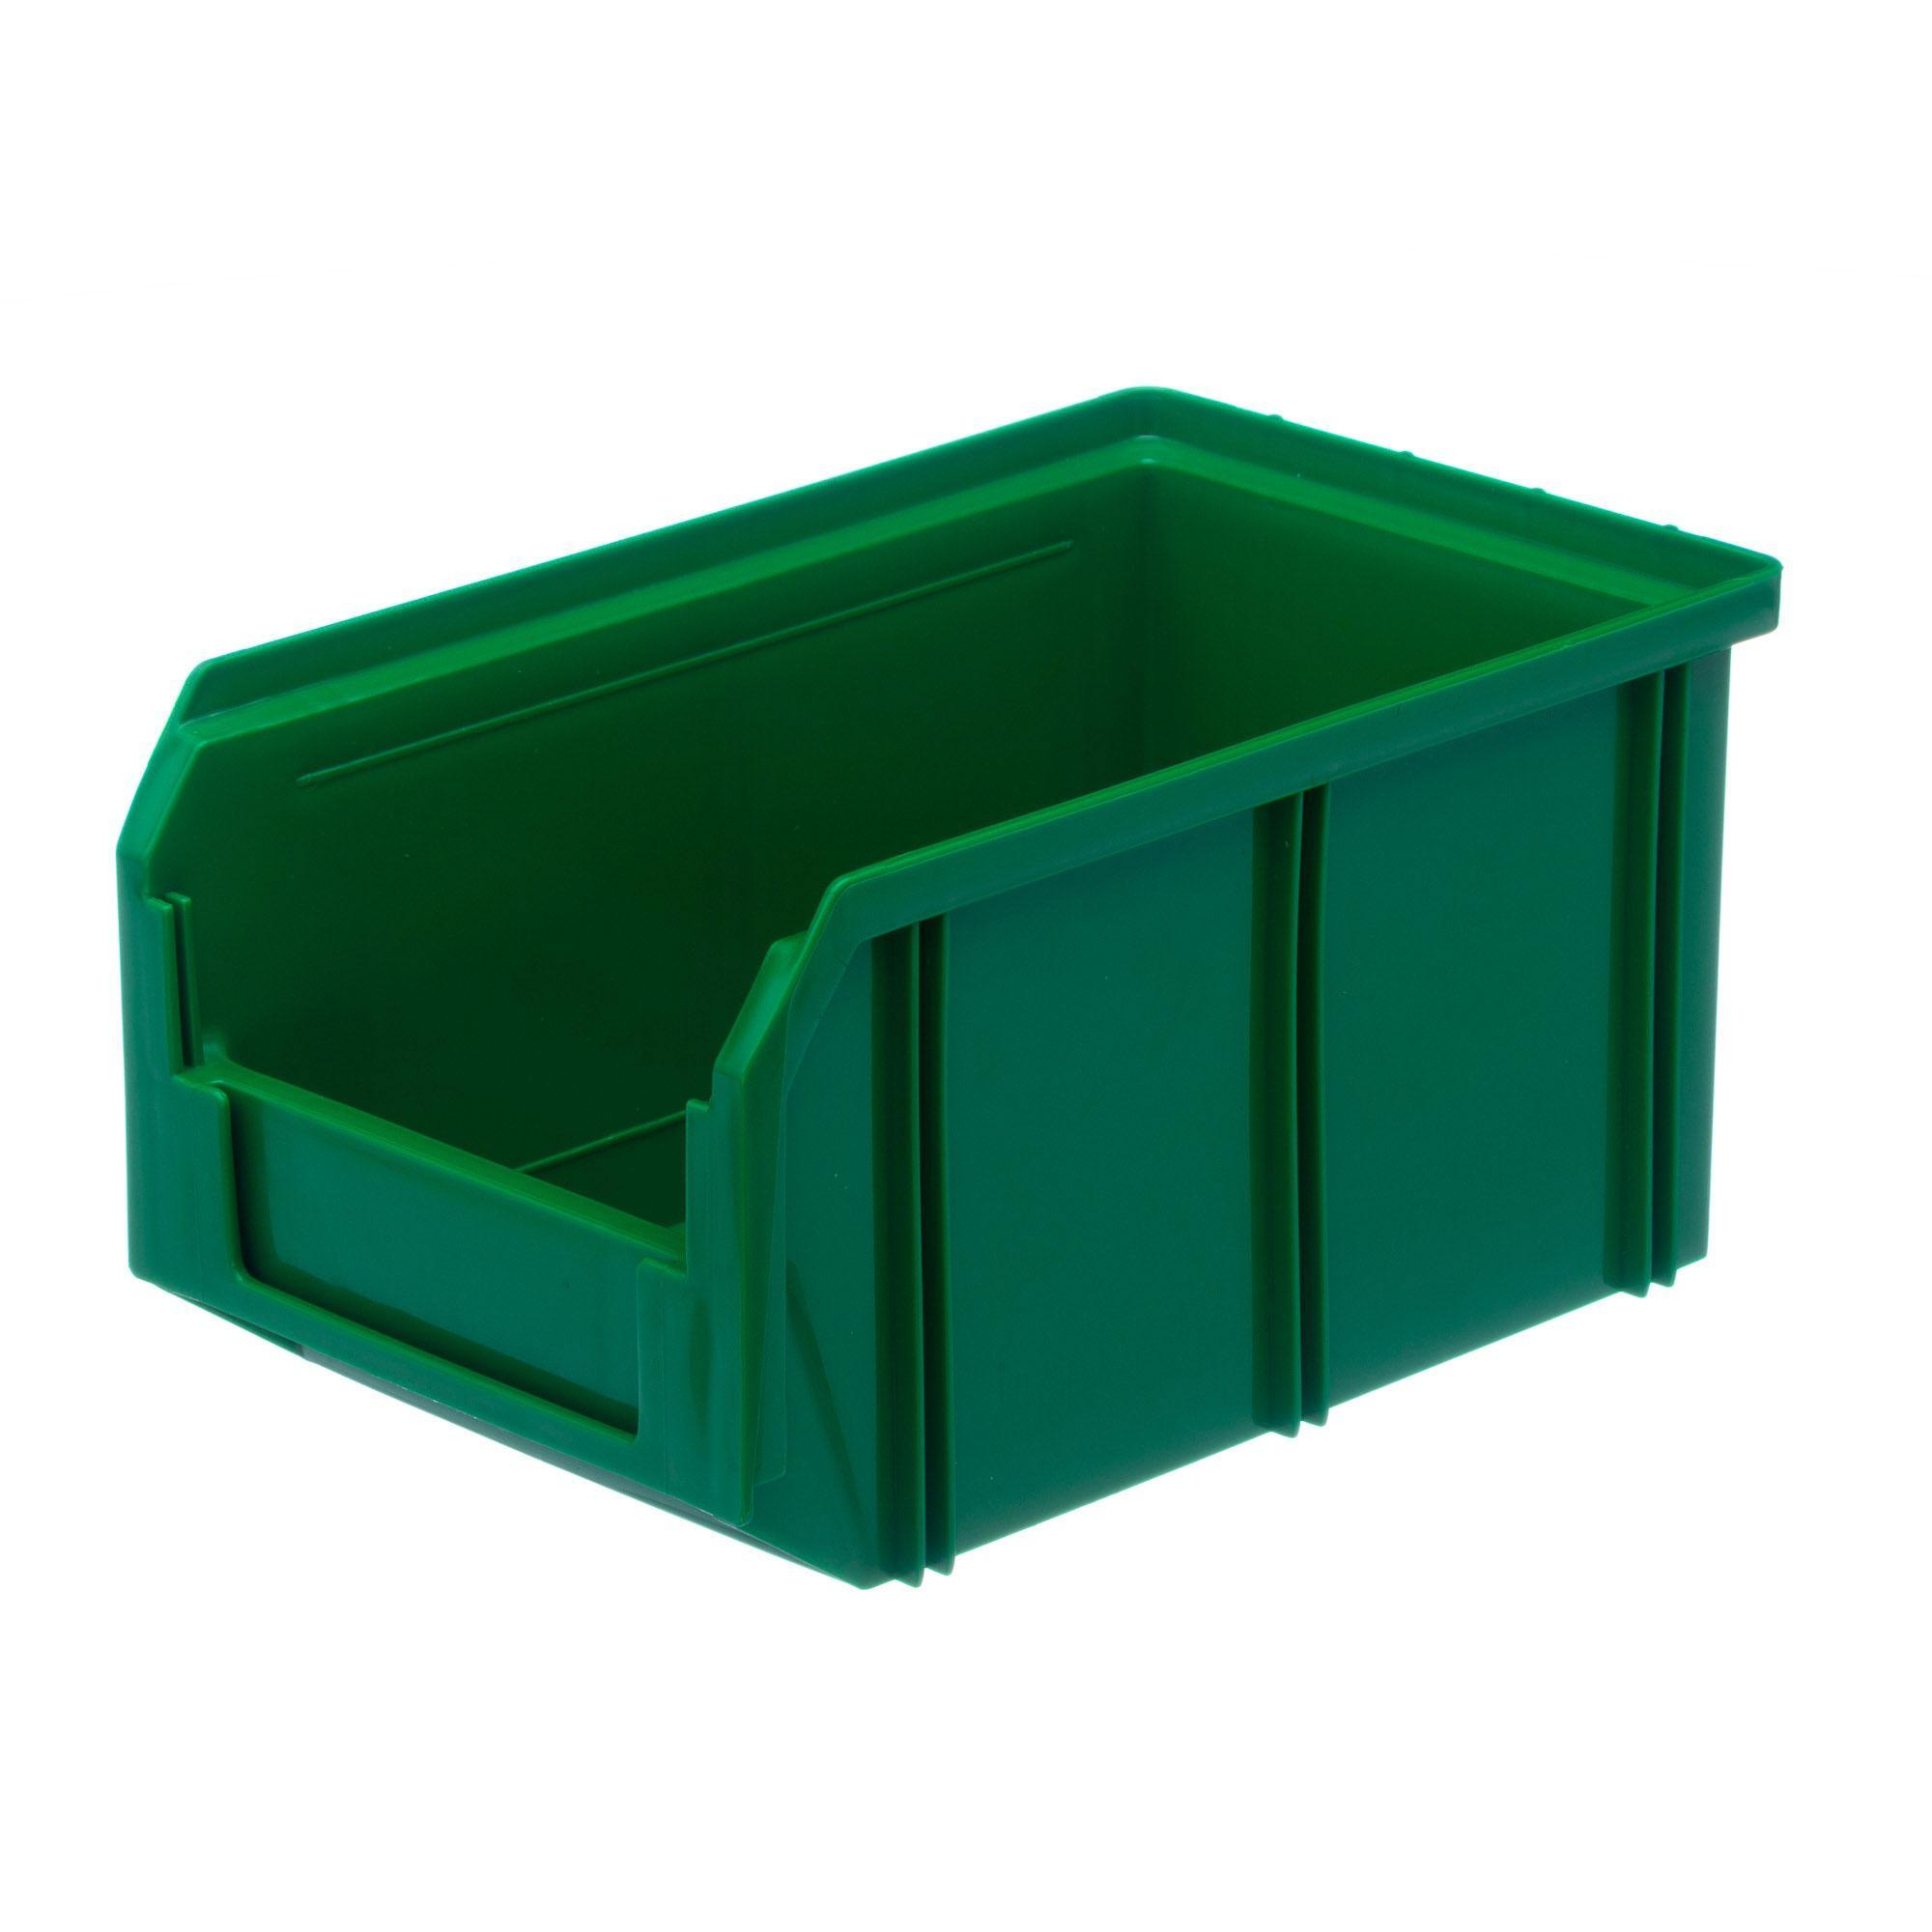 Ящик СТЕЛЛА V-2 зеленый тележка стелла кп 2 200 и